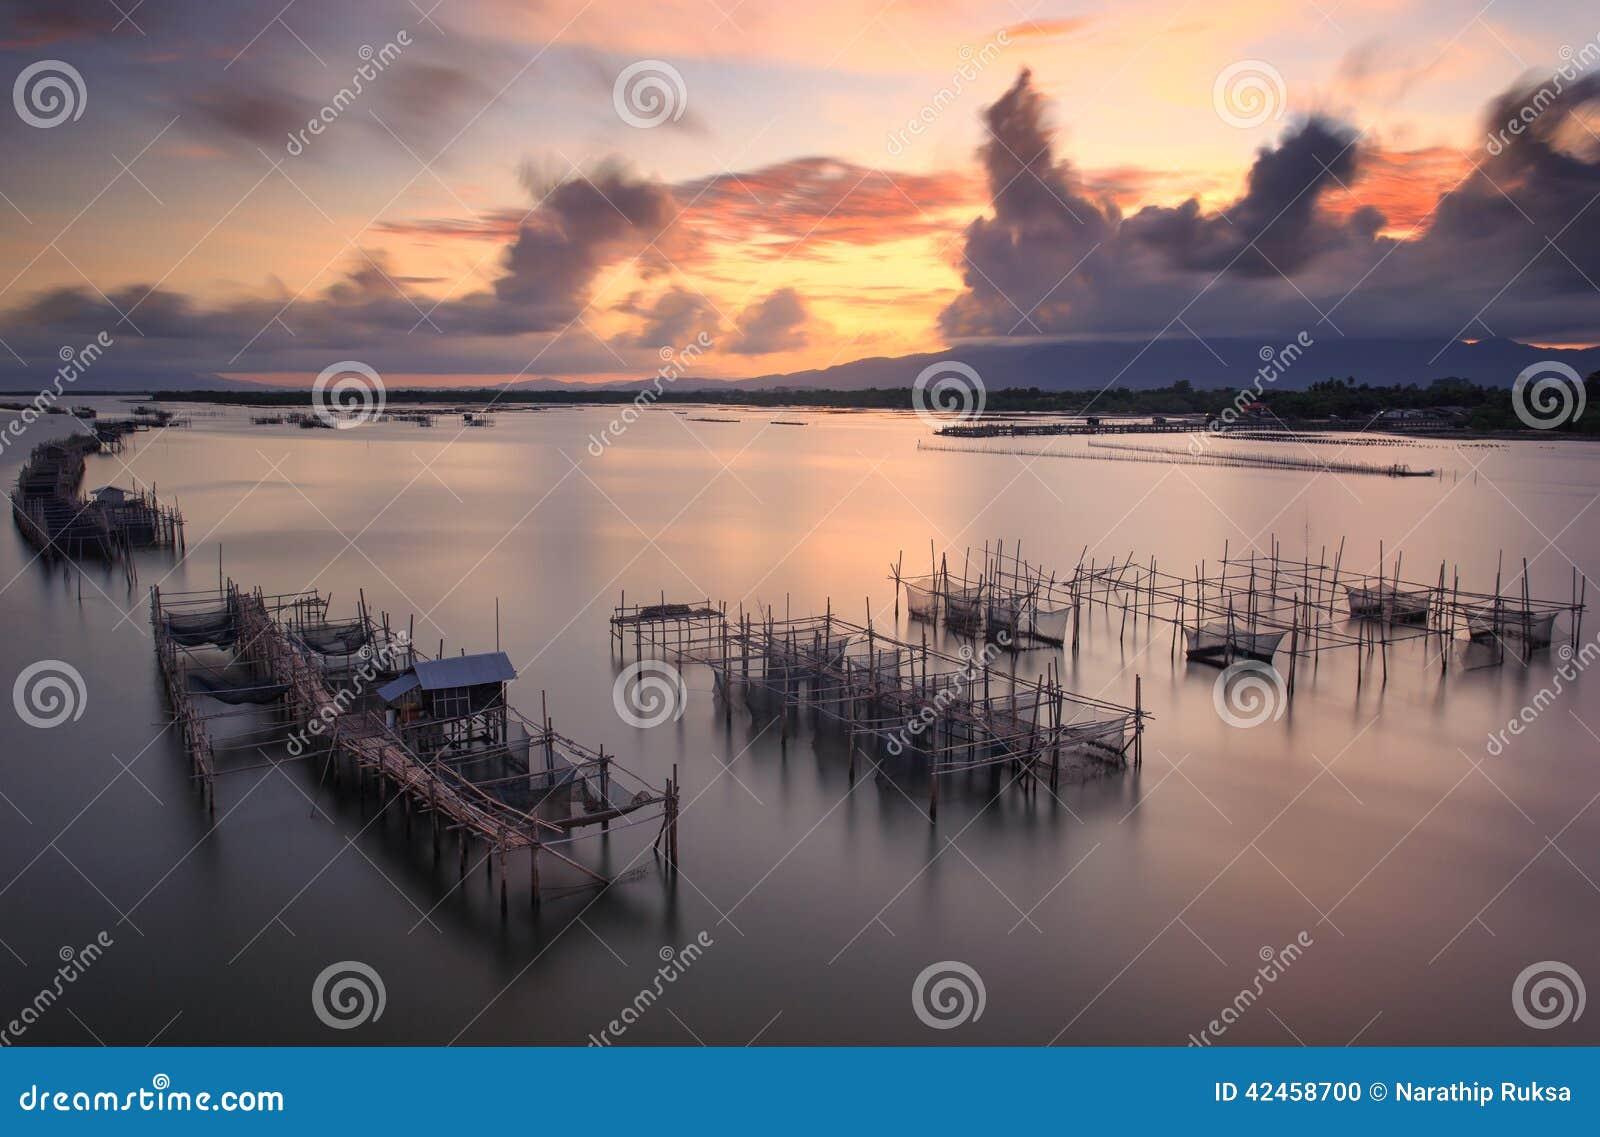 Fischernetz während des Sonnenaufgangs